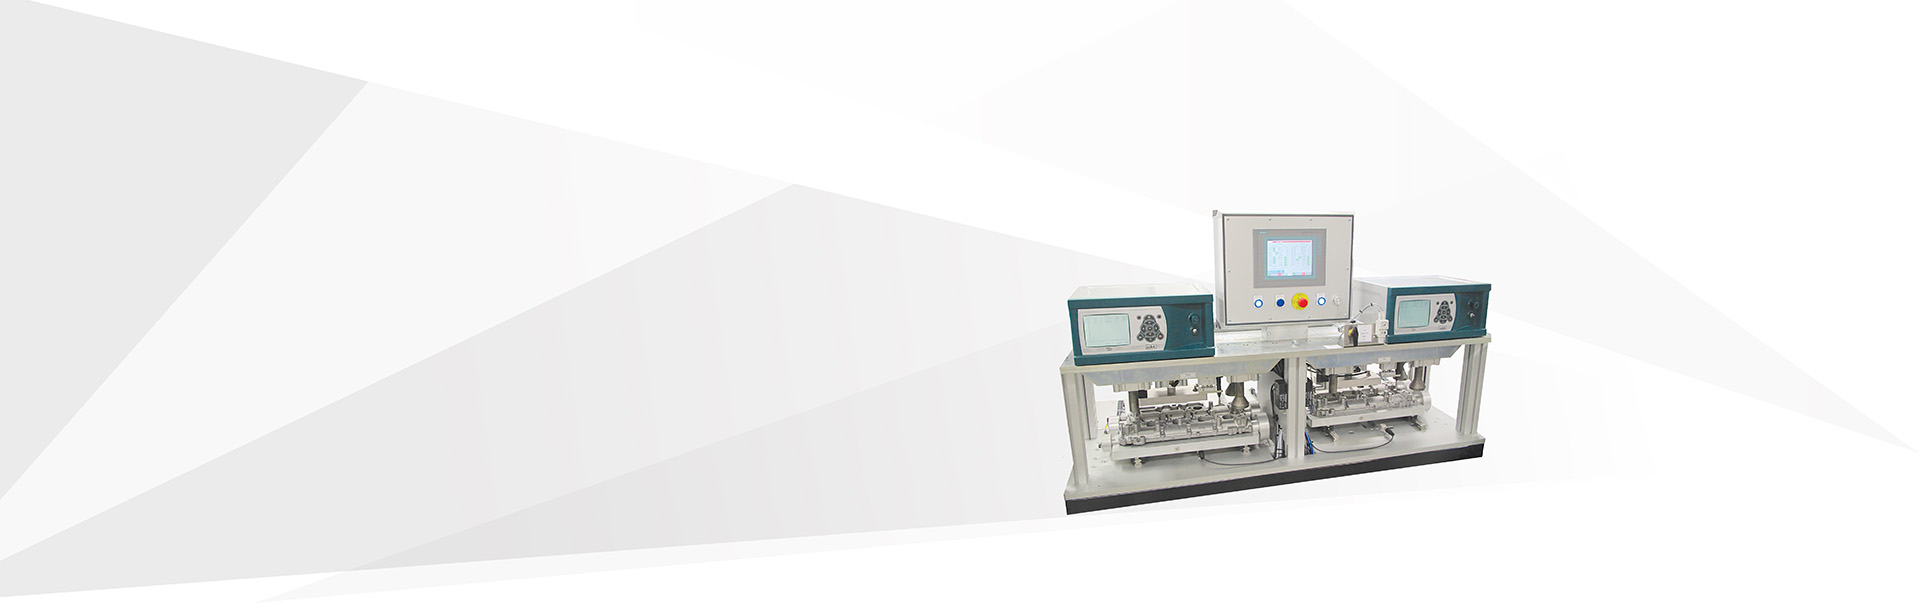 Tätkontrollsmaskiner för alla behov